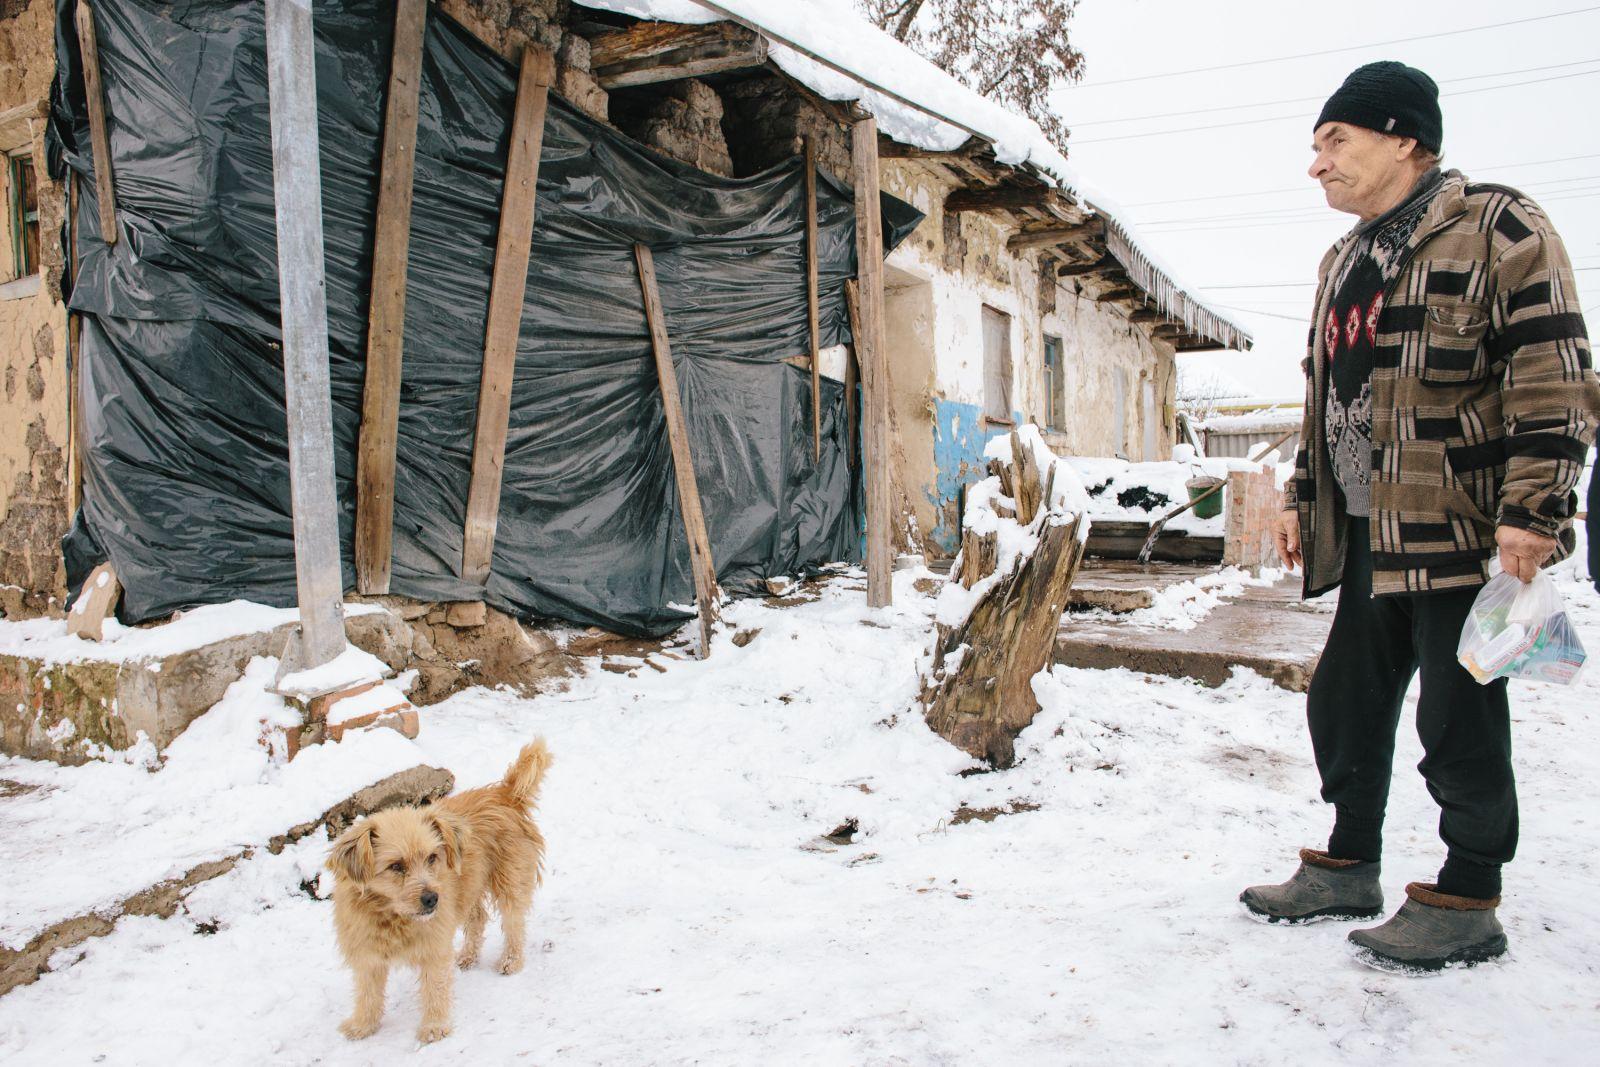 Владимир с женой и сыном проживают на улице Кирова, 105. После того, как в конце января их дом пострадал от разорвавшейся мины, семья ютится в двух комнатах. Разрушенную часть пока прикрыли брезентом и клеёнкой